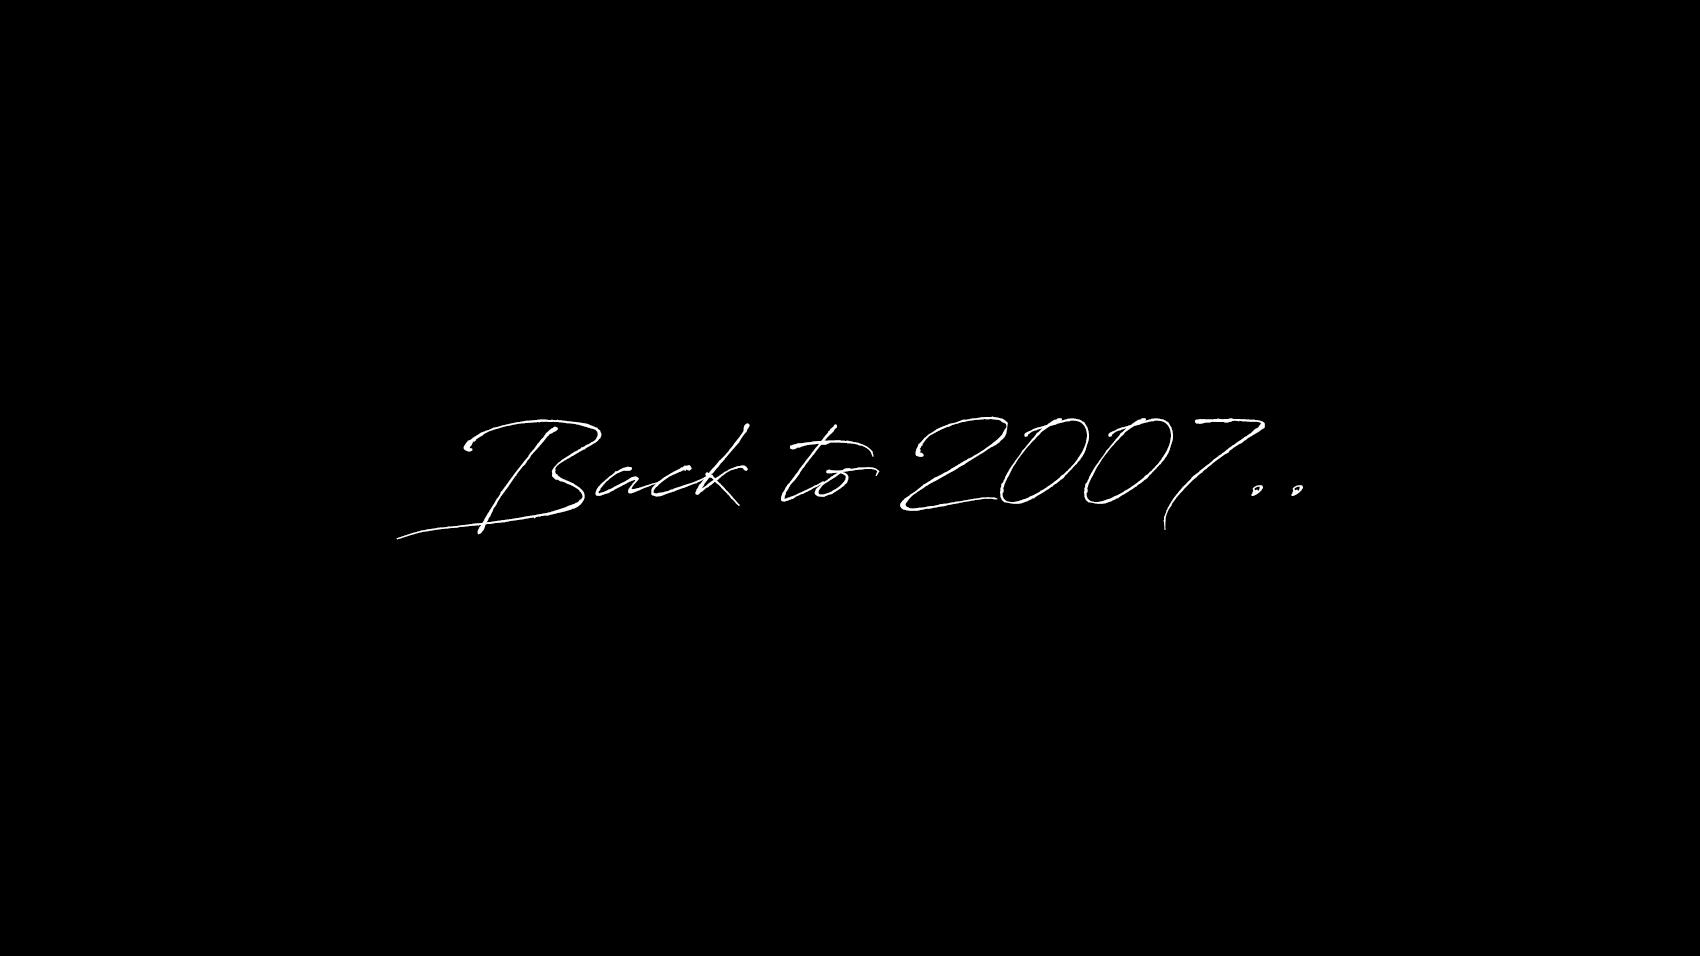 辛かった2007年があったからこそ今のBUROKI designがあります